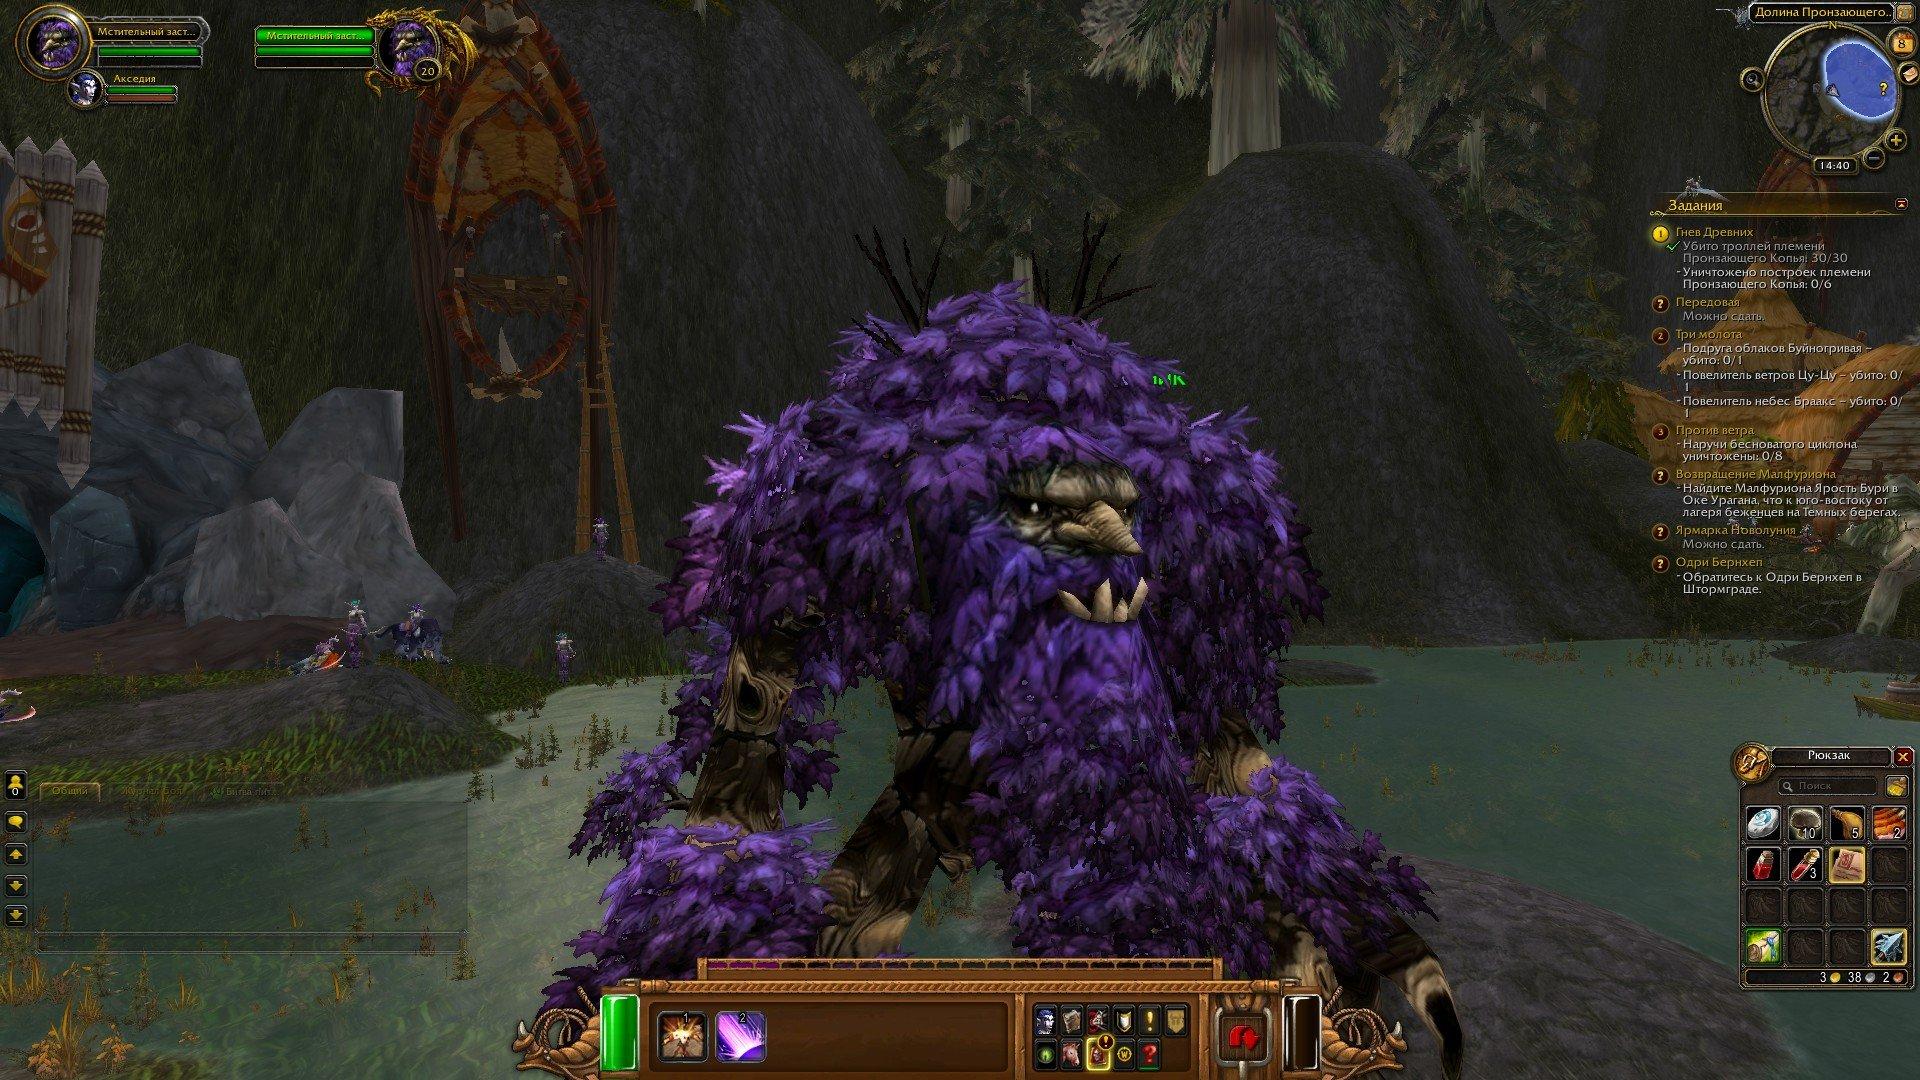 Путешествие по World of Warcraft ... Ночной Эльф. Глава 2. - Изображение 6